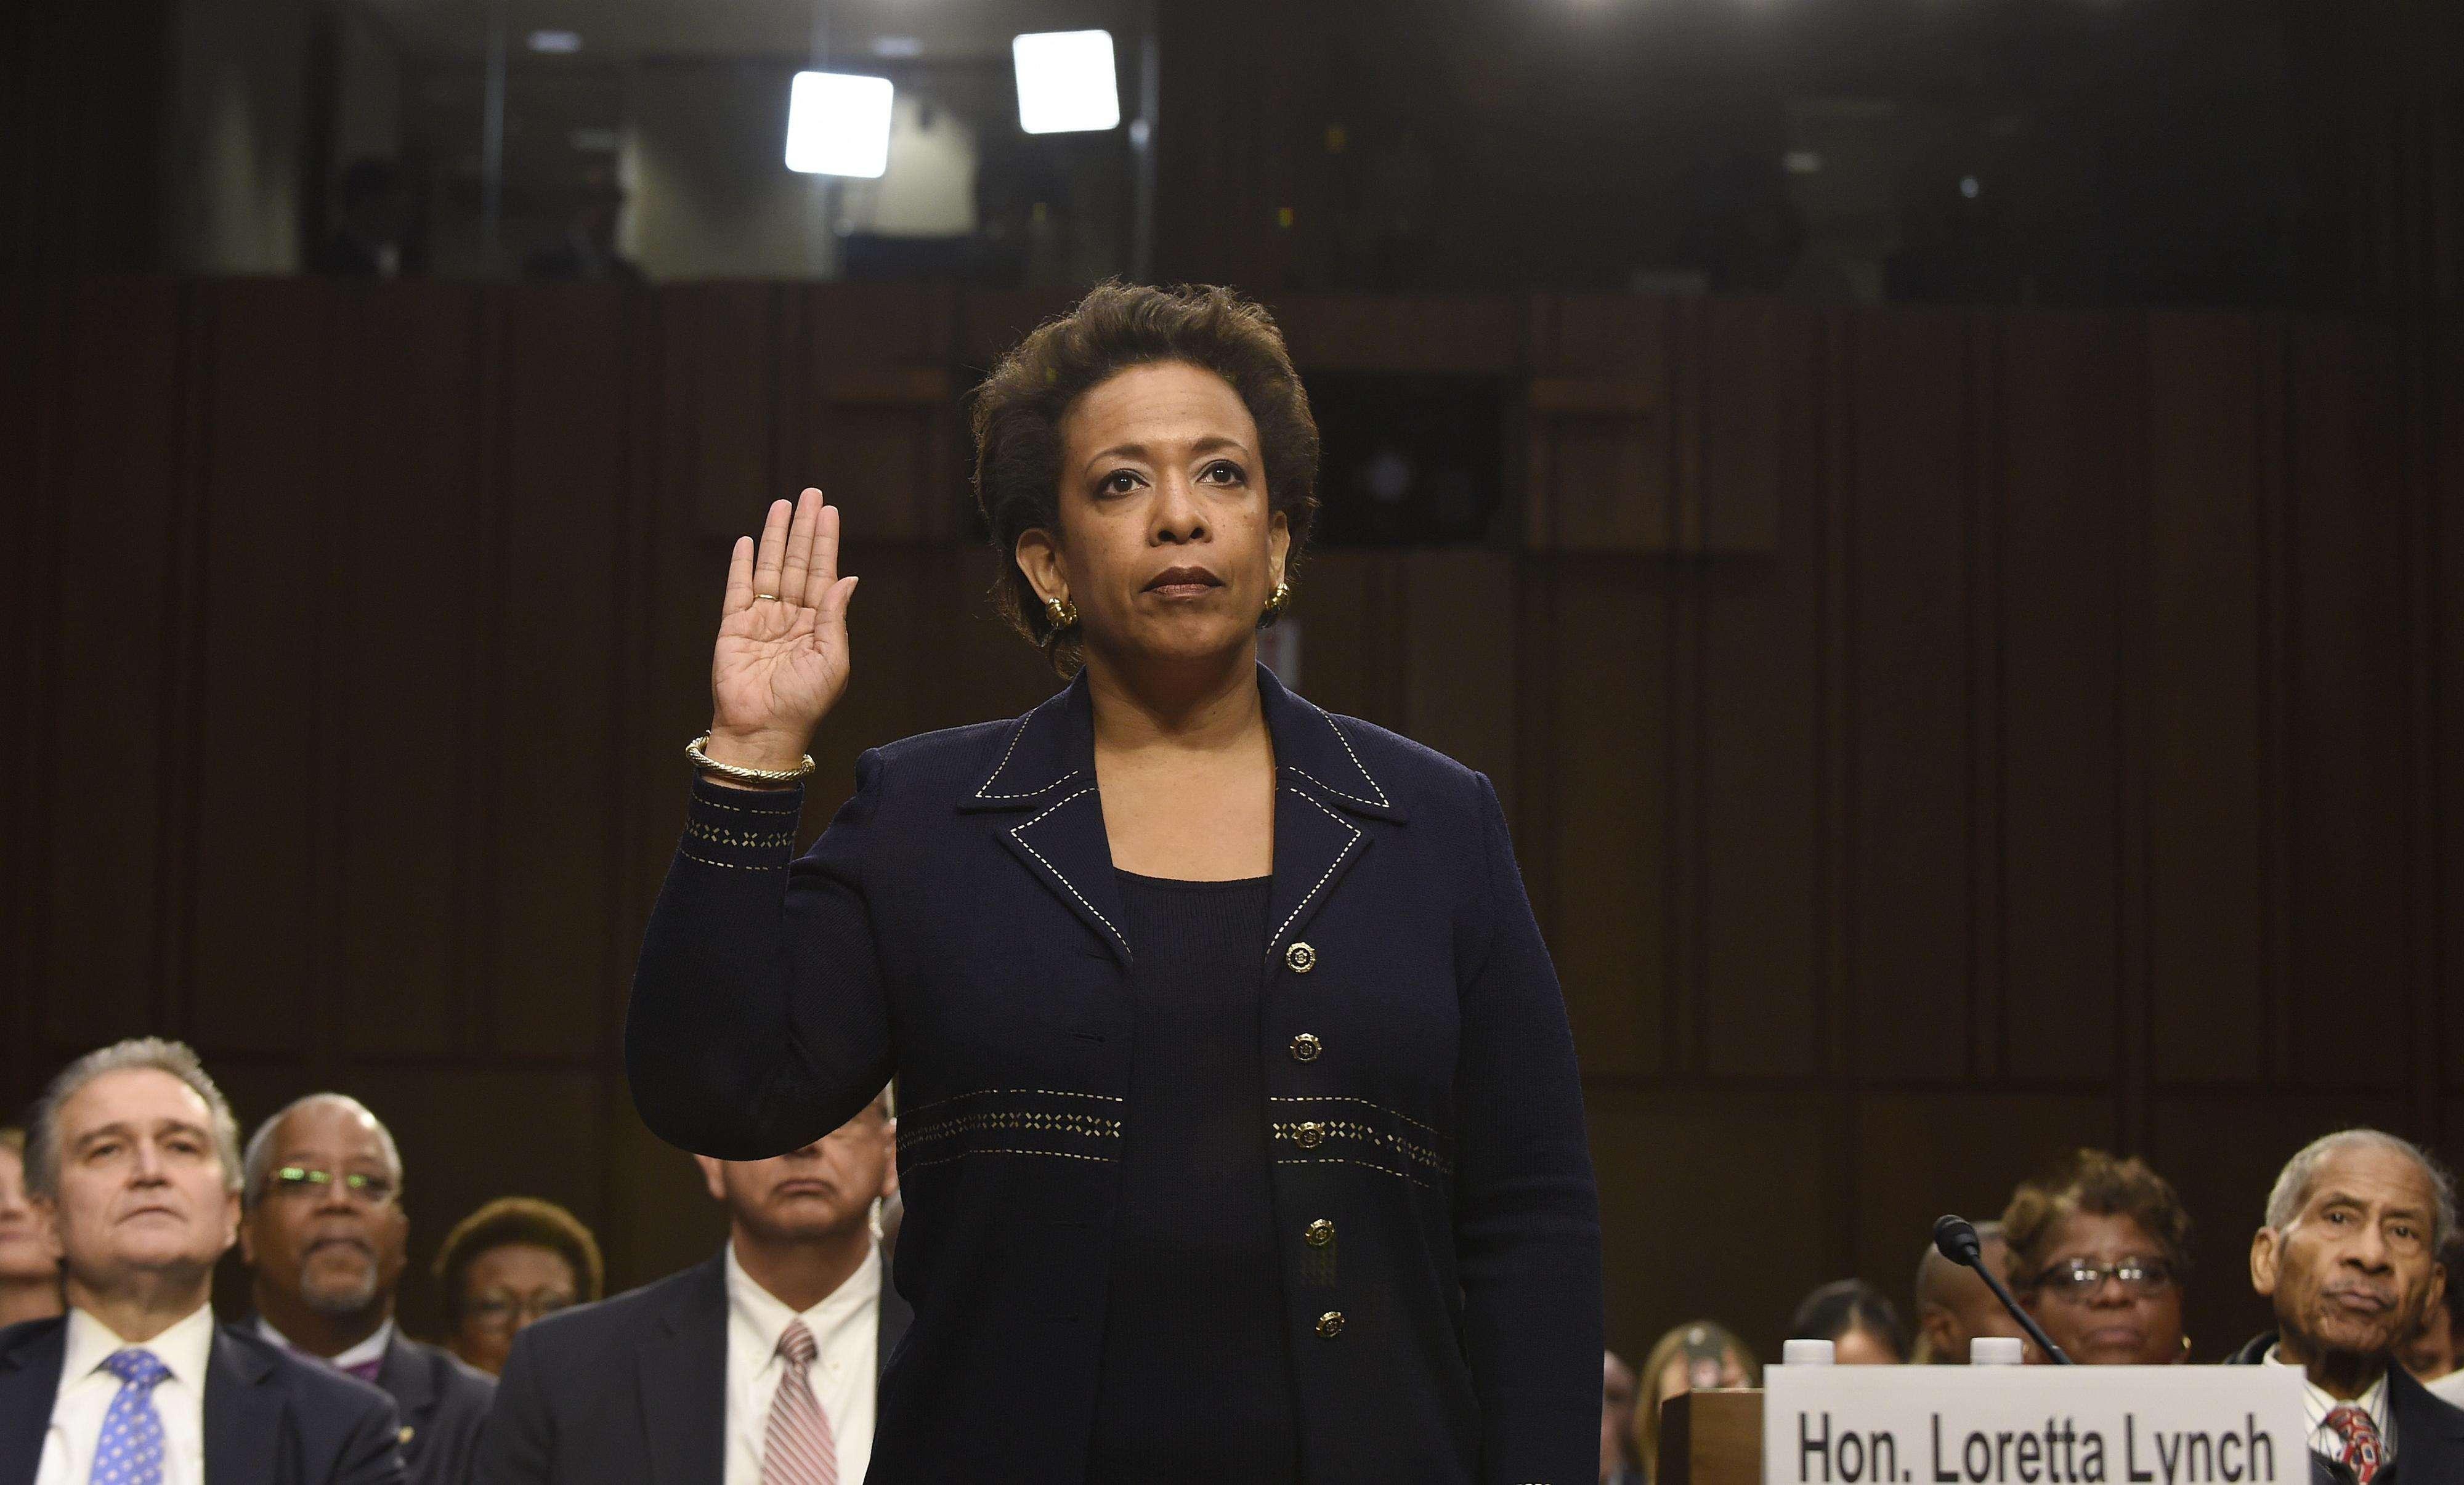 Loretta Lynch enfrenta la audiencia de confirmación en el Senado este 28 de enero del 2015. Foto: AP en español